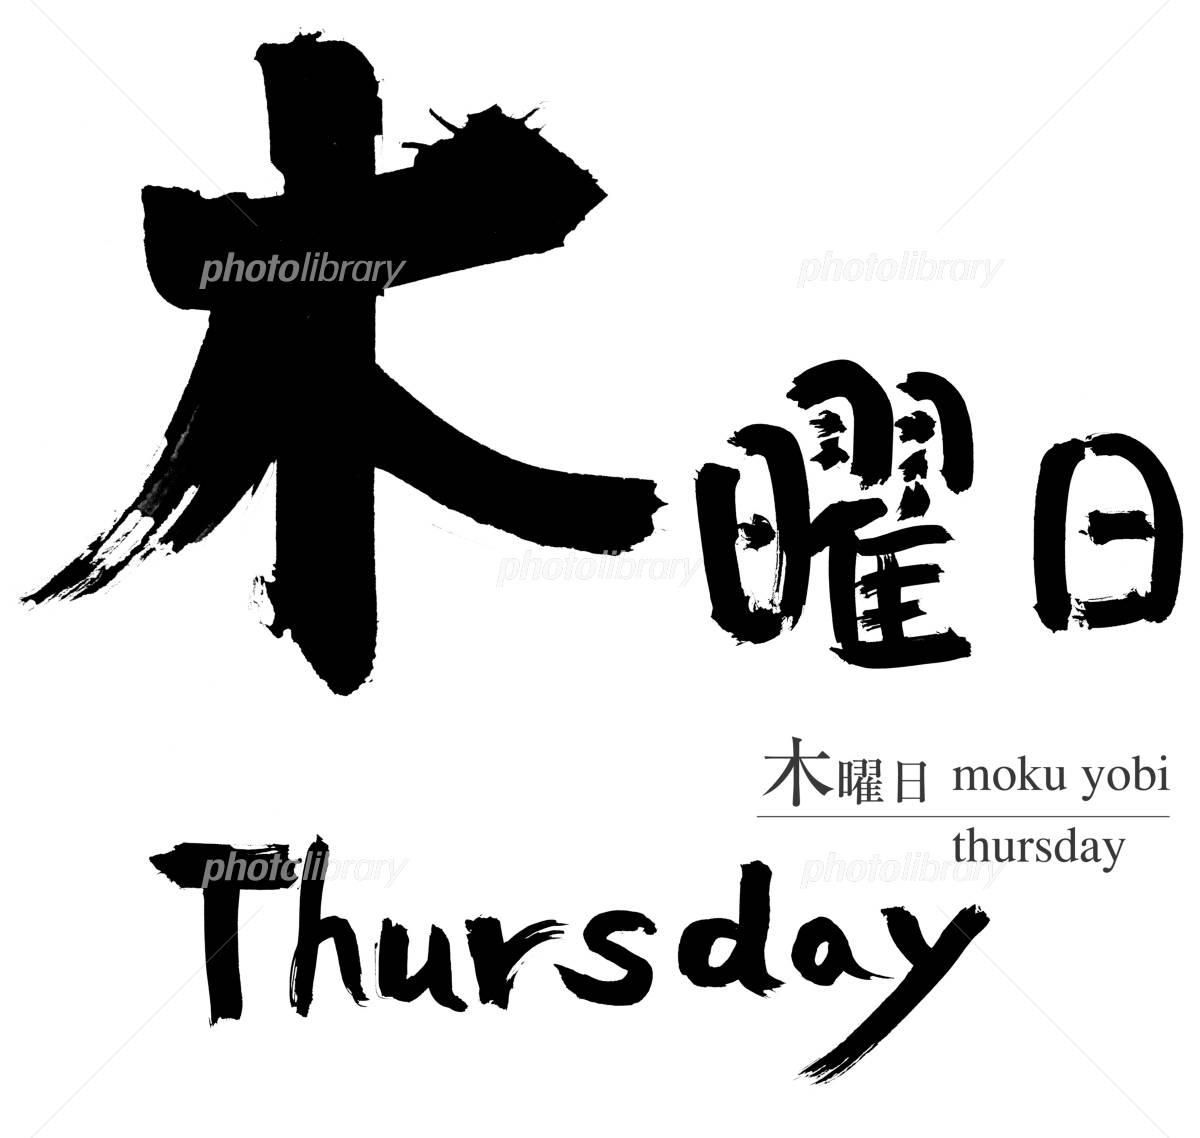 筆文字の木曜日-写真素材 筆文字の木曜日 画像ID 1146356  筆文字の木曜日